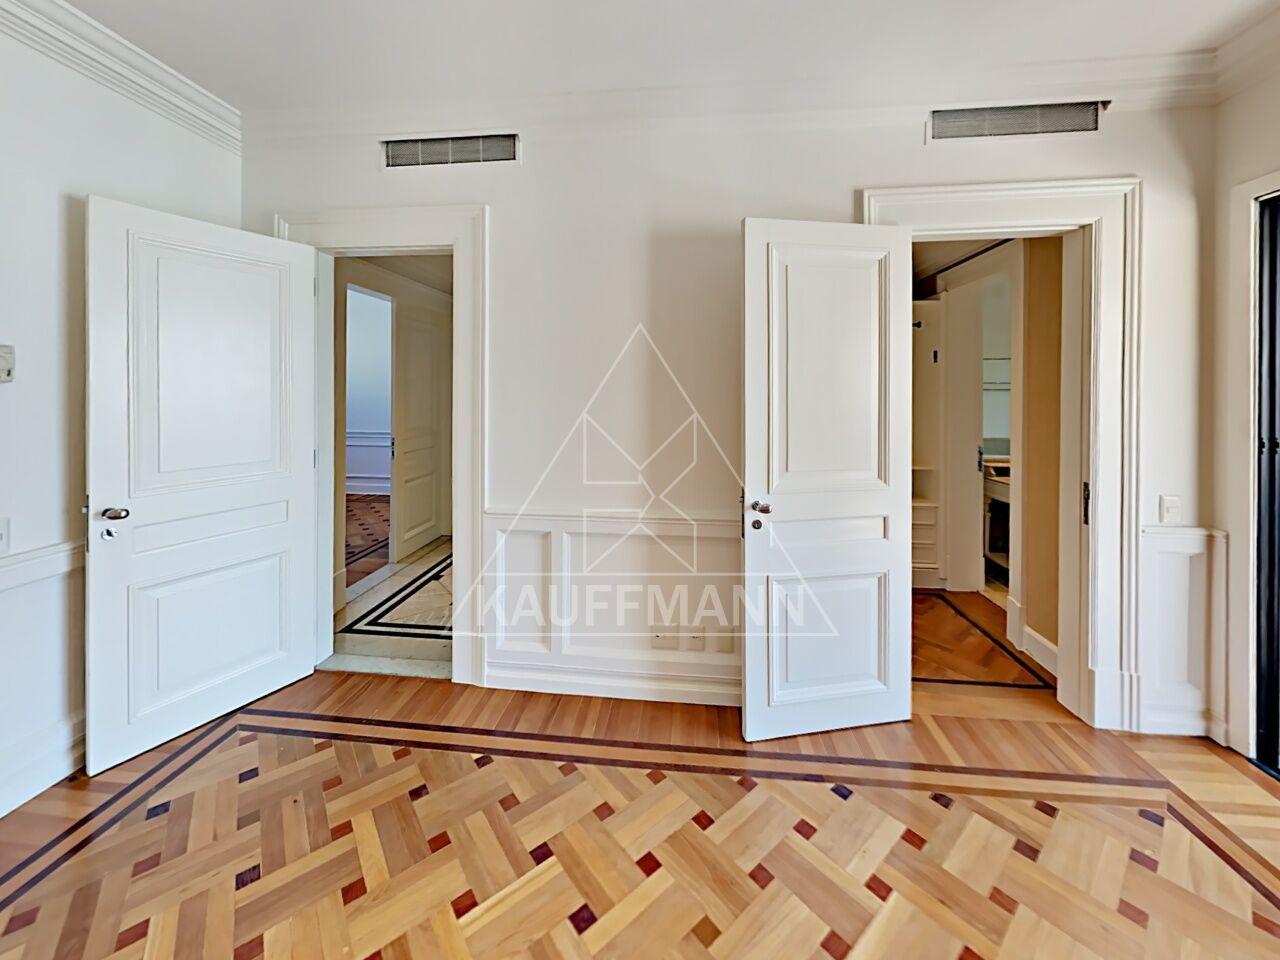 apartamento-venda-sao-paulo-jardim-america-regency-6dormitorios-6suites-7vagas-1099m2-Foto40